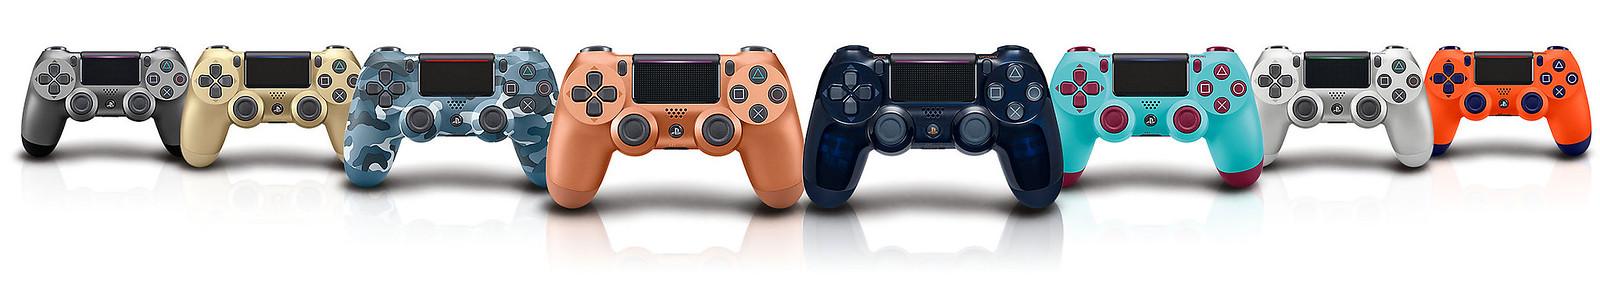 49121871508 4147a2439f h - Die diesjährigen Black Friday®-Angebote von PlayStation sind da